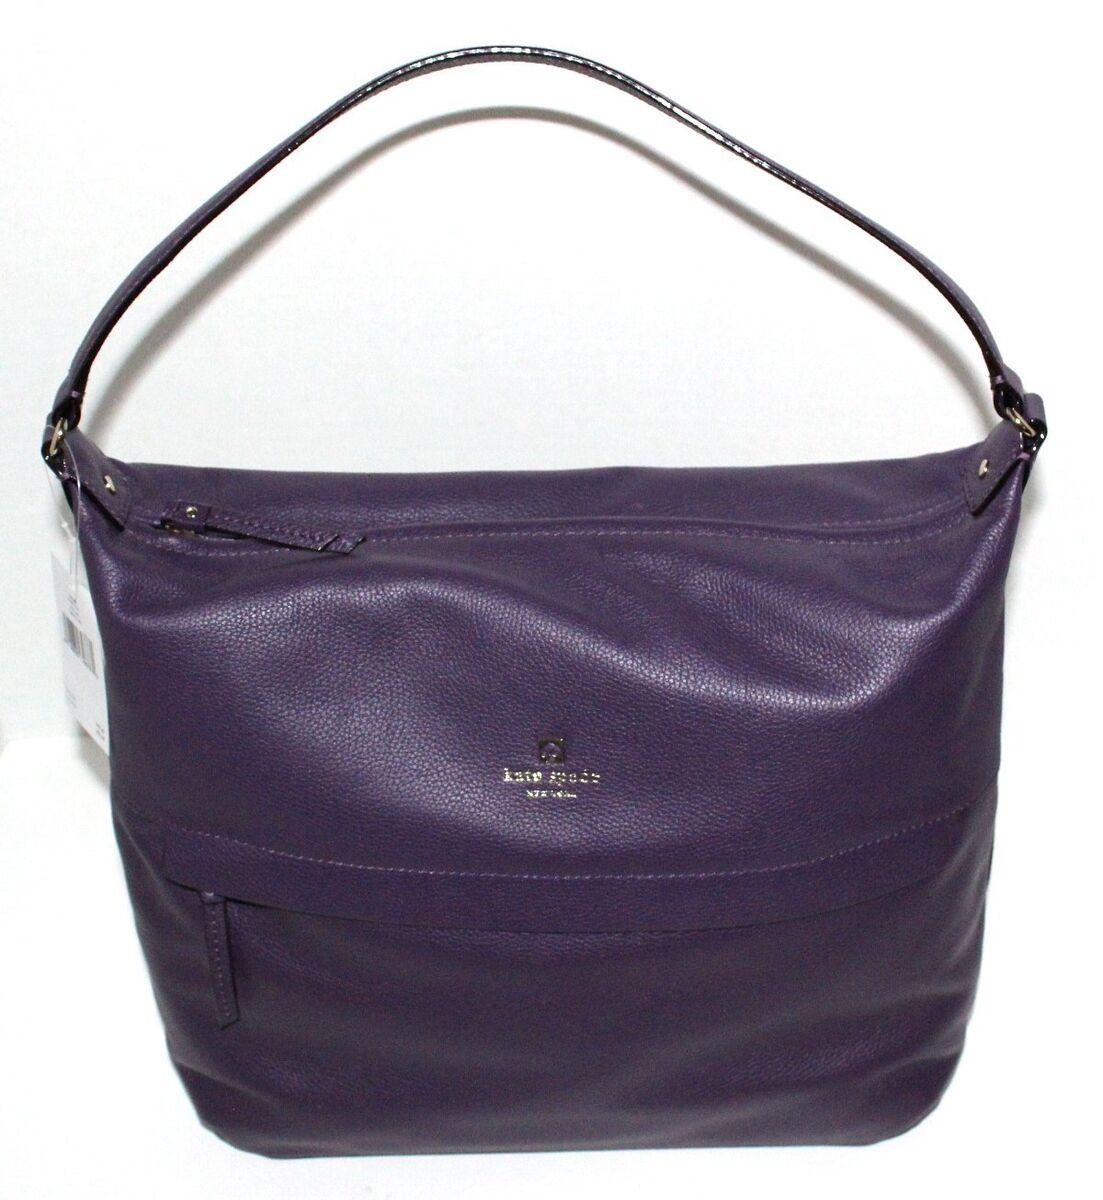 NWT Kate Spade Grant Park Manuela Handbag. Eggplant Leather. WKRU1635